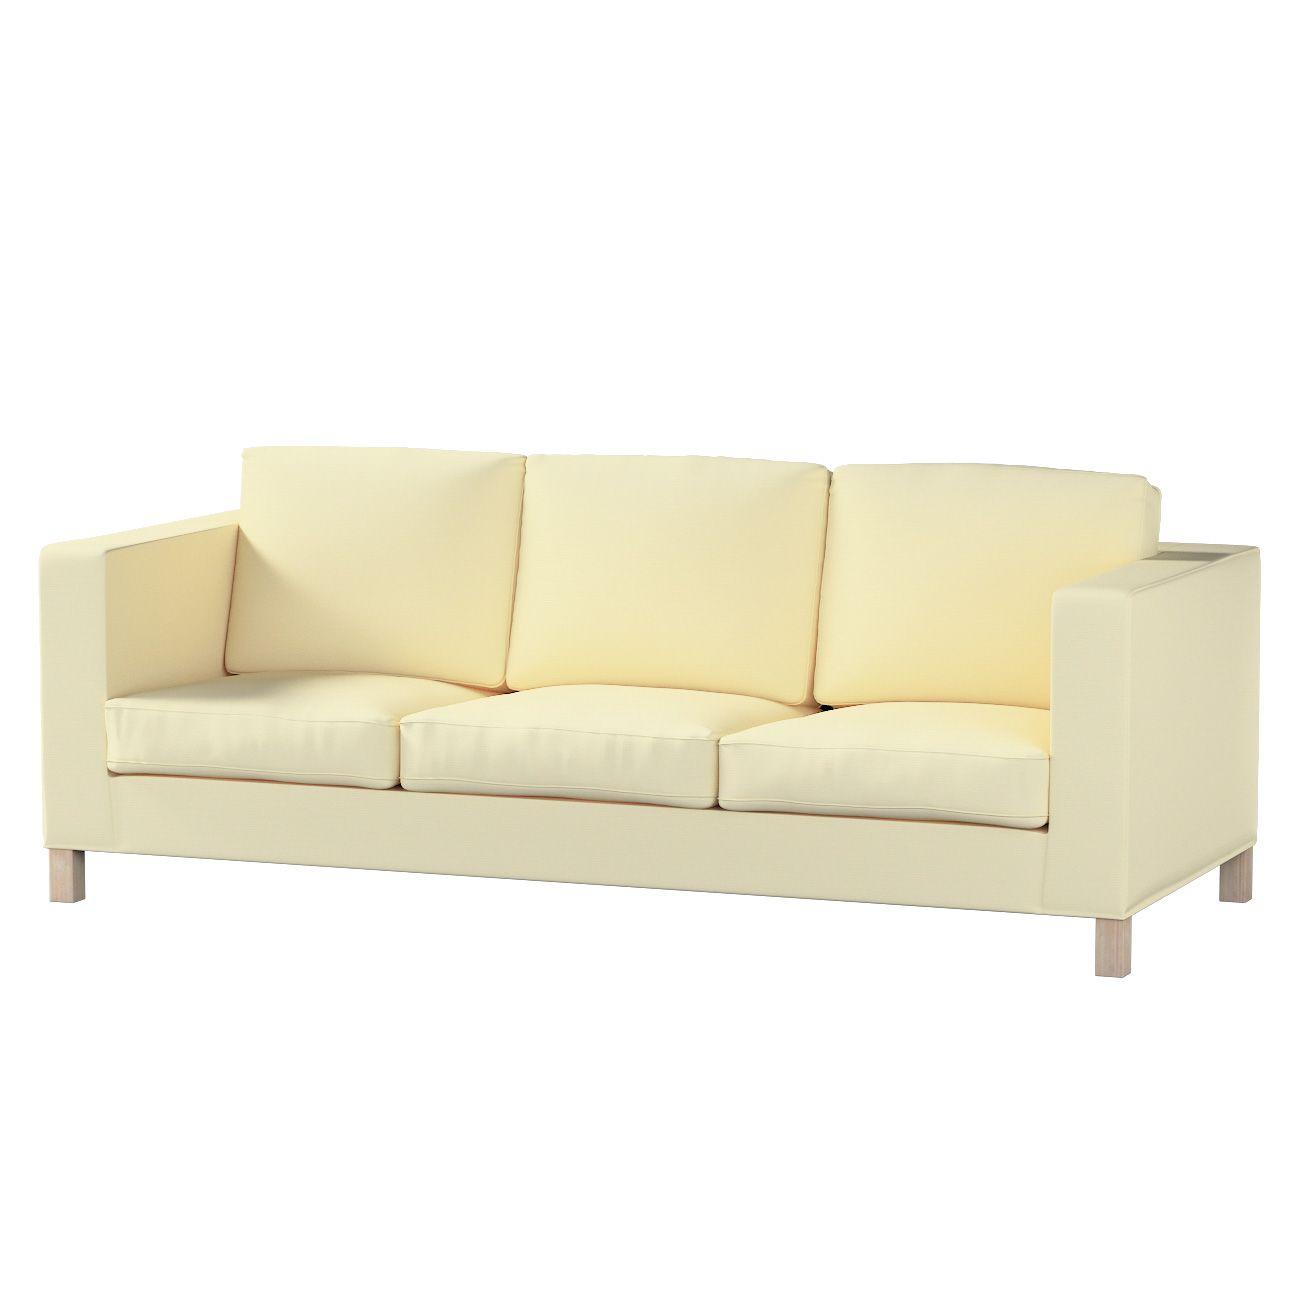 Full Size of Karlanda Cotton Panama Bett Ausklappbar Ausklappbares Wohnzimmer Couch Ausklappbar